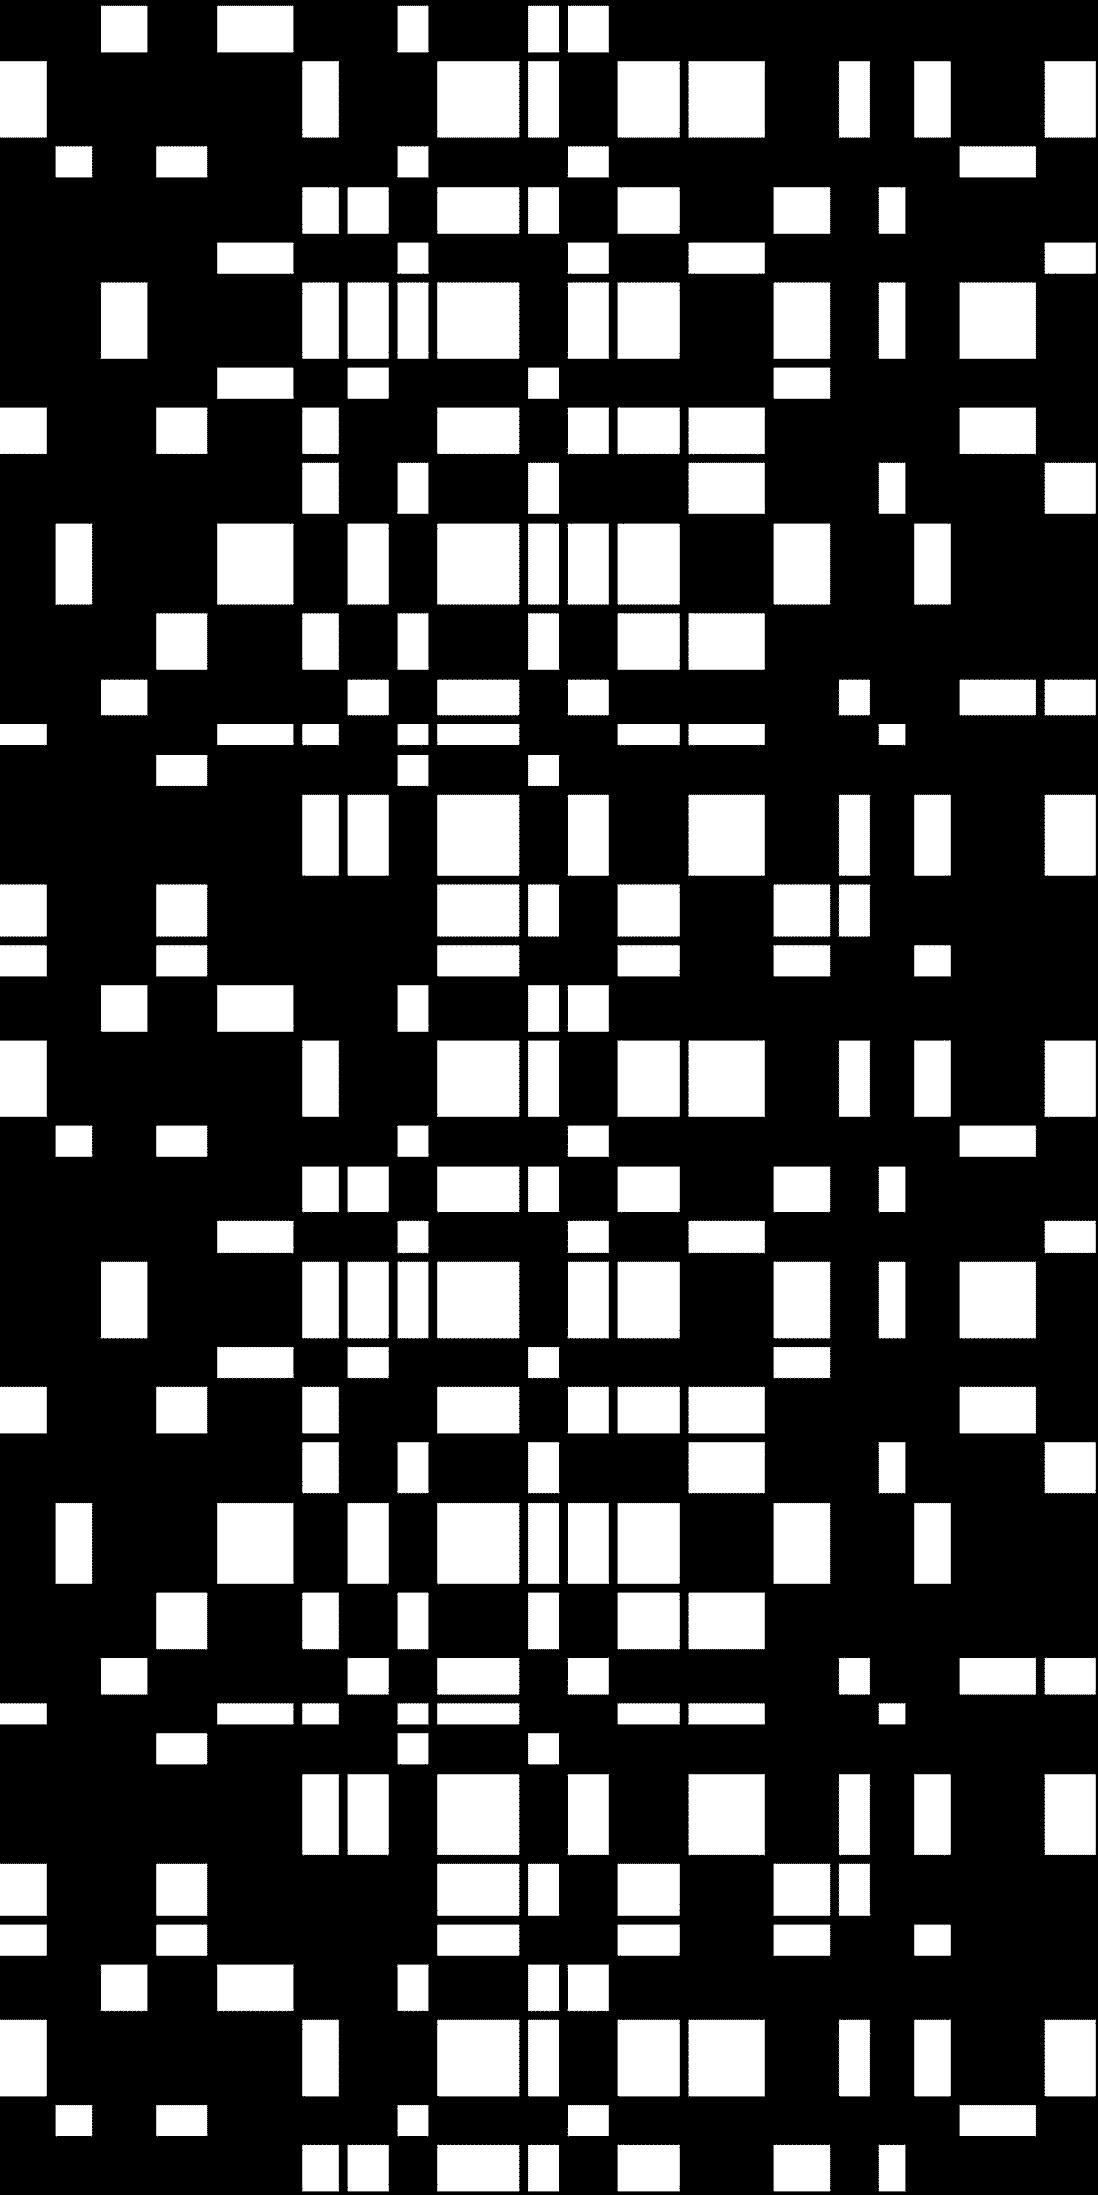 CFX-P216